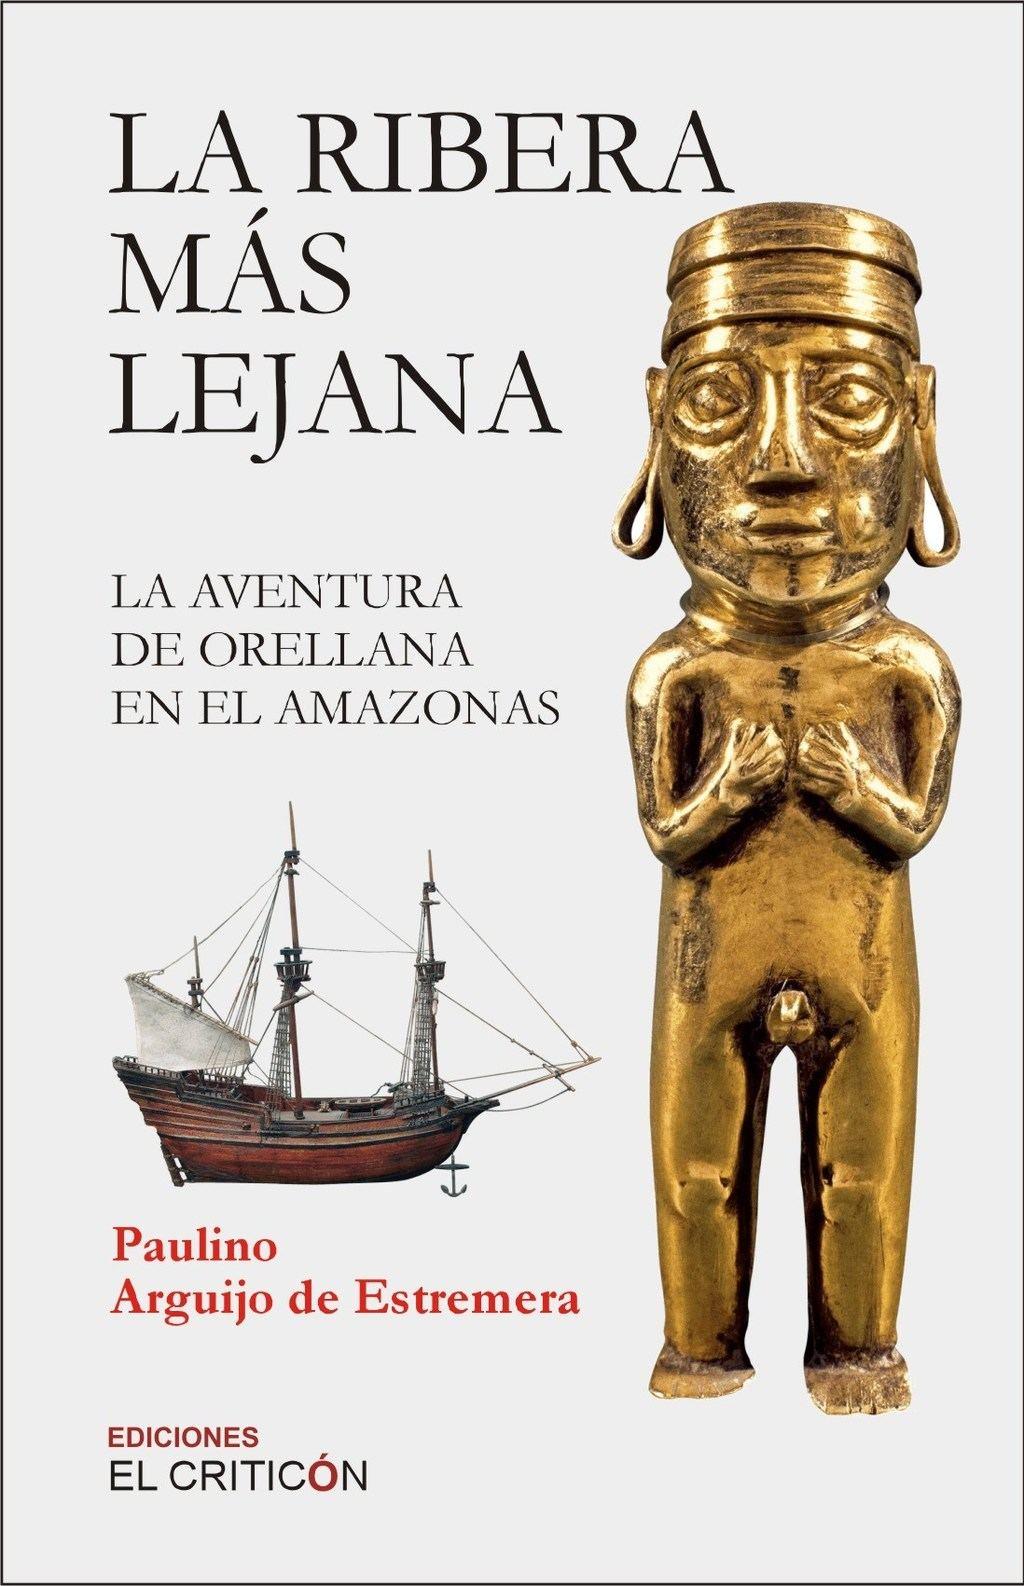 La ribera más lejana. La aventura de Orellana en el Amazonas, de Paulino Arguijo